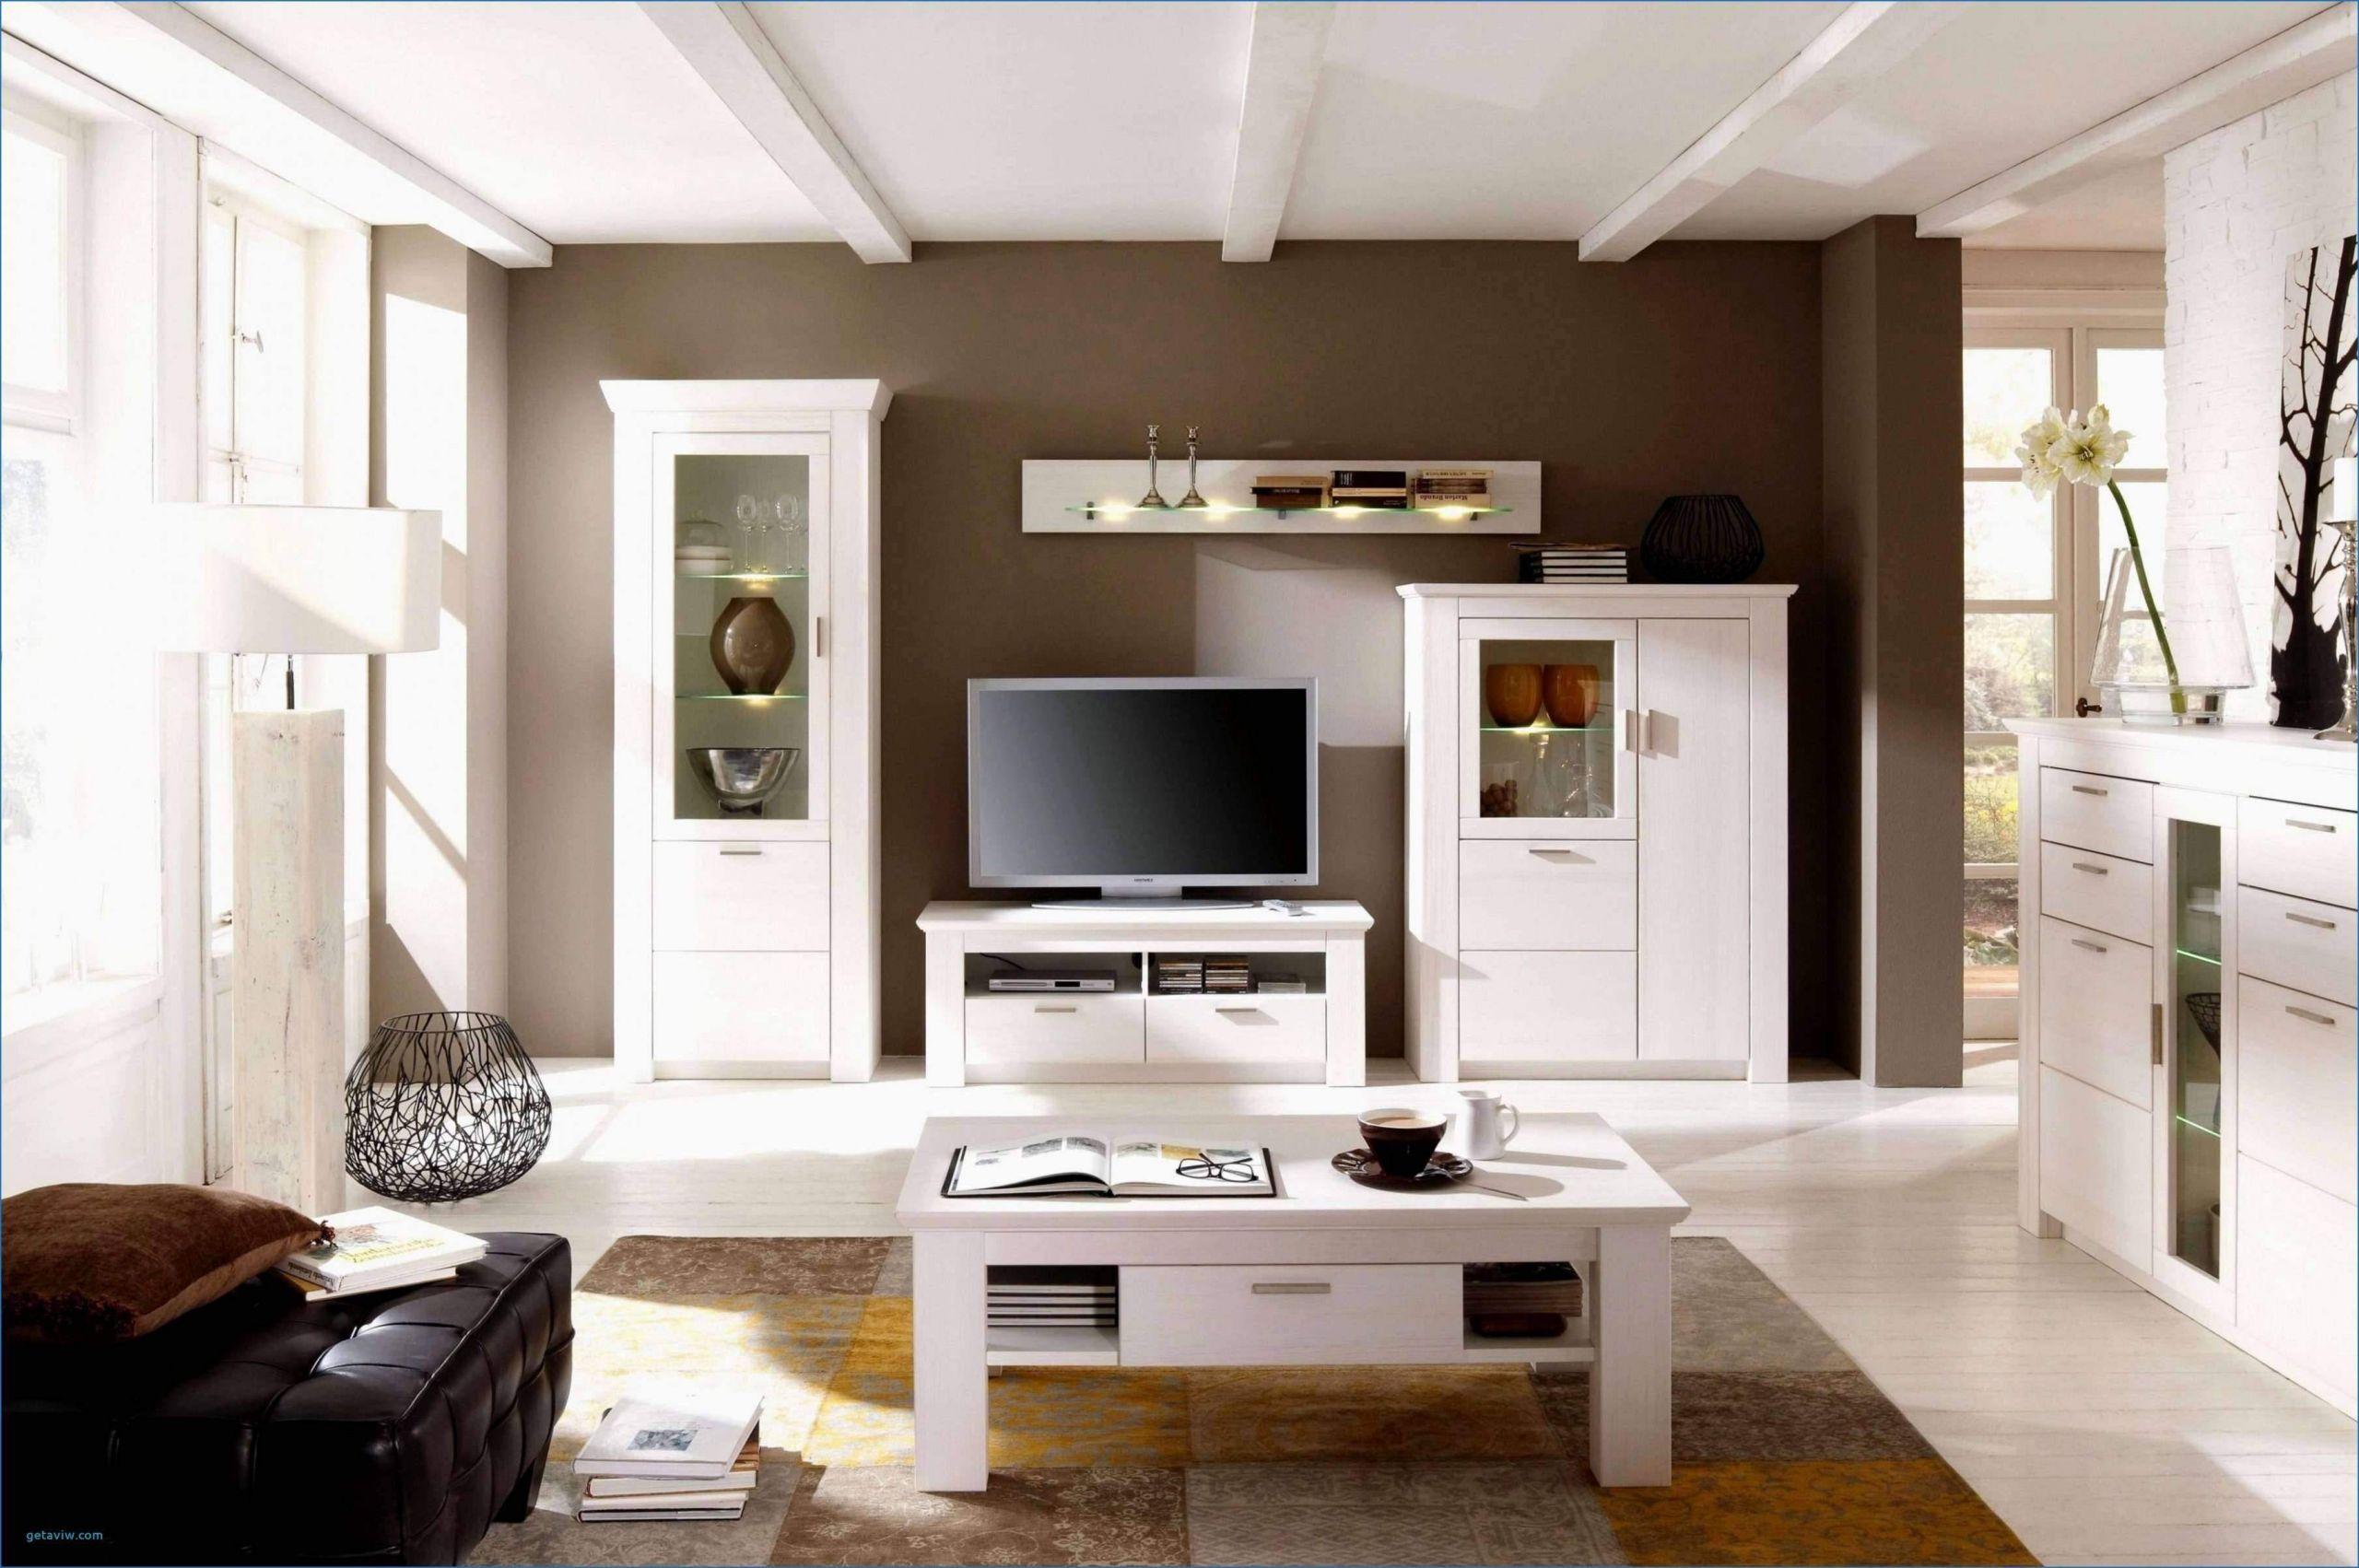 Full Size of Wohnzimmerschränke Ikea Besta Wohnzimmer Inspirierend Schrank Küche Kosten Kaufen Miniküche Modulküche Sofa Mit Schlaffunktion Betten Bei 160x200 Wohnzimmer Wohnzimmerschränke Ikea